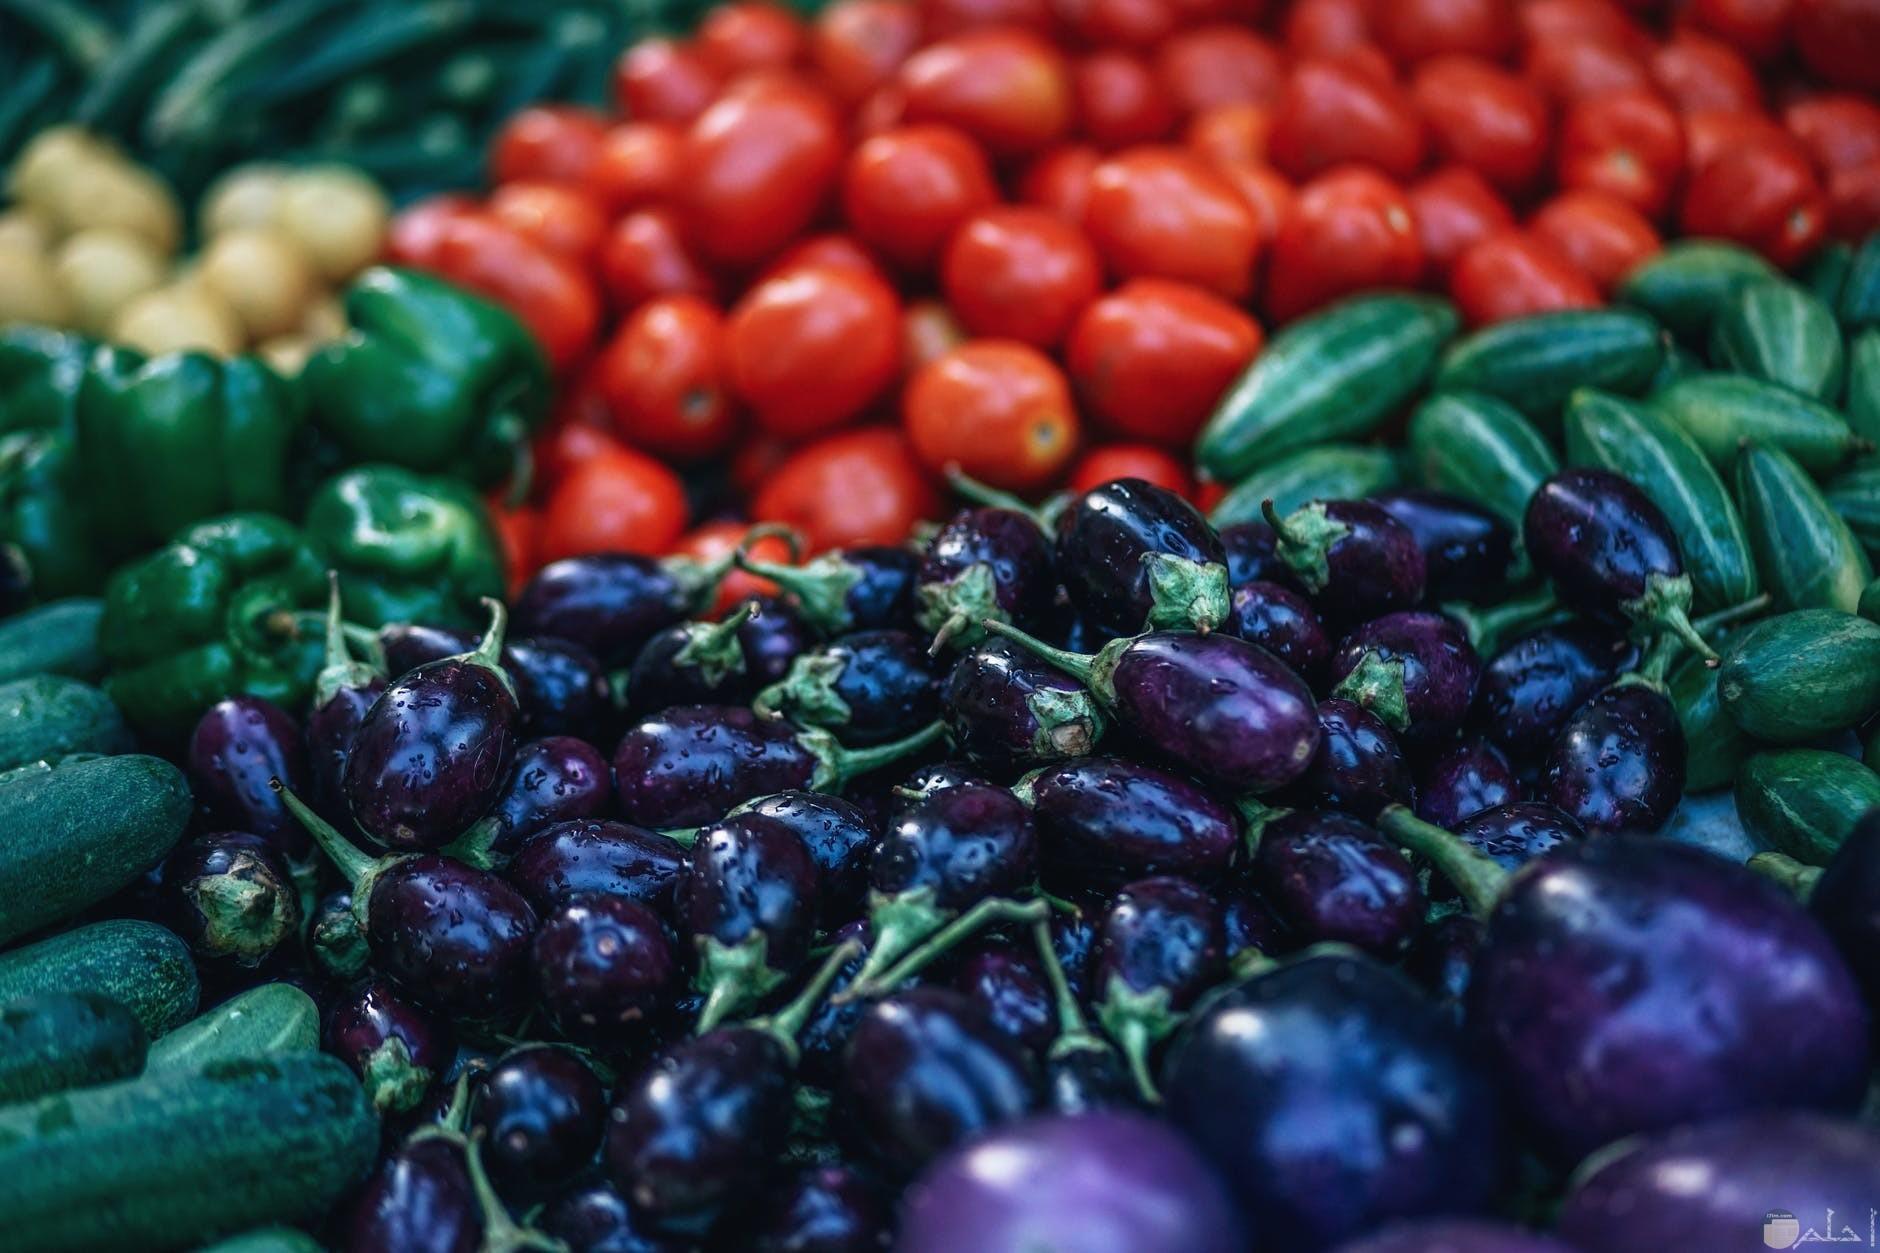 الباذنجان الطماطم والفلفل الاخضر والخيار